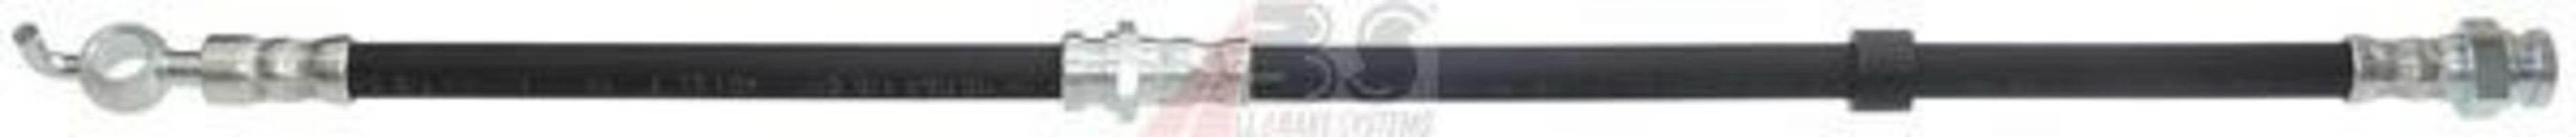 Шланг тормозной A.B.S. SL5180